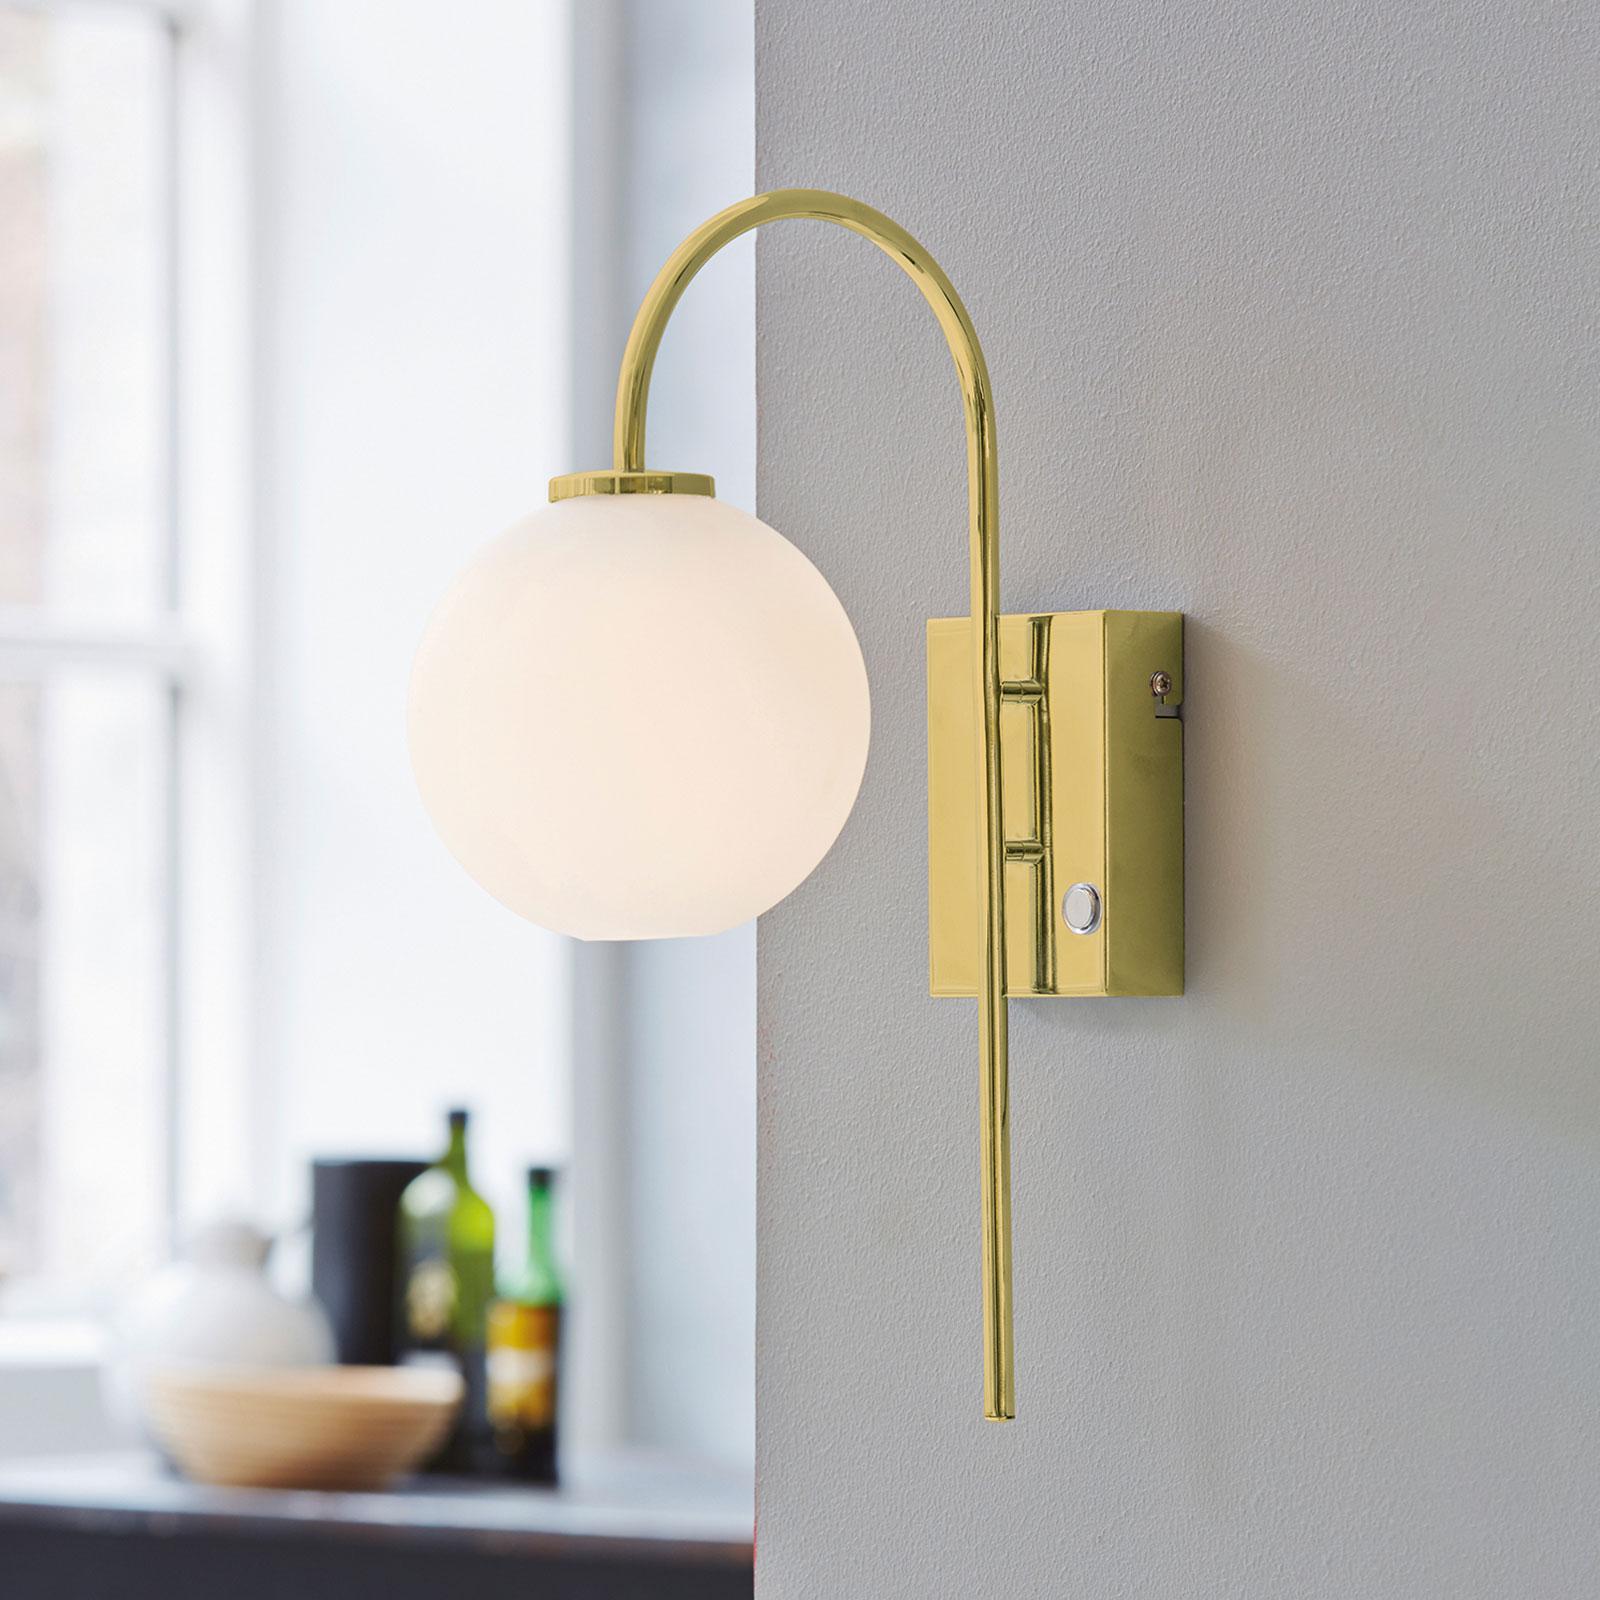 Vegglampe Ballon med plugg, 1 lyskilde, messing